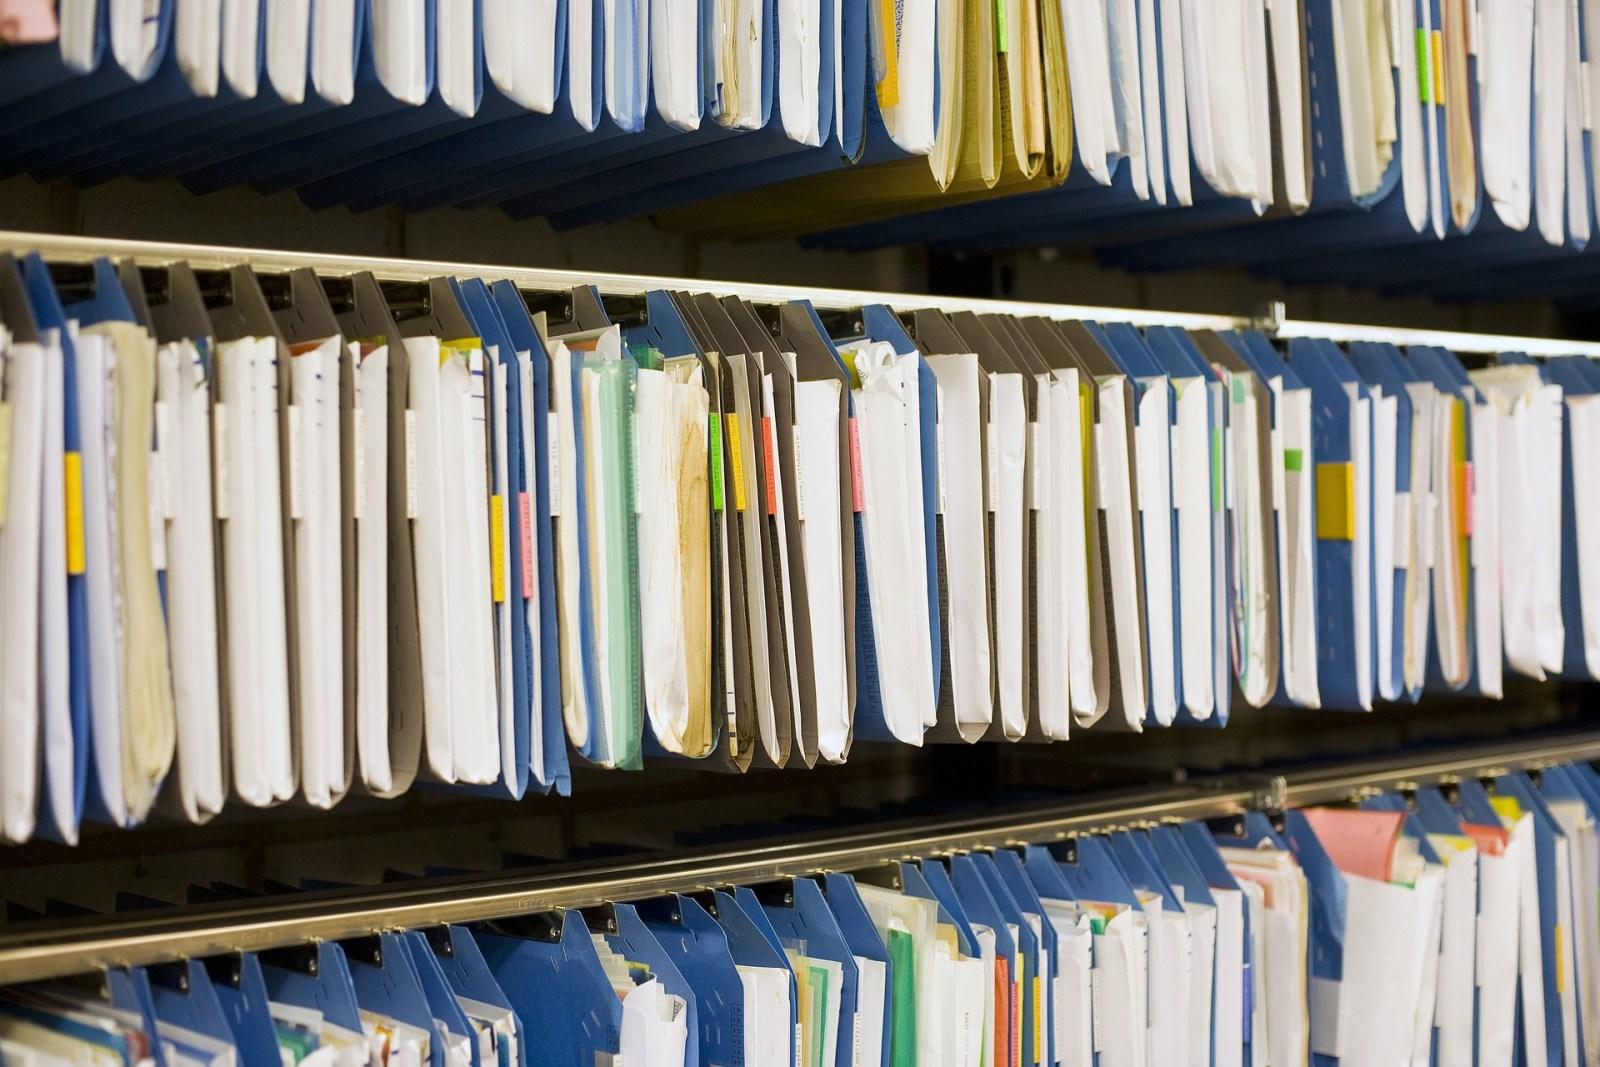 MF0978_2 gestión de archivos gratis para personas desempleadas